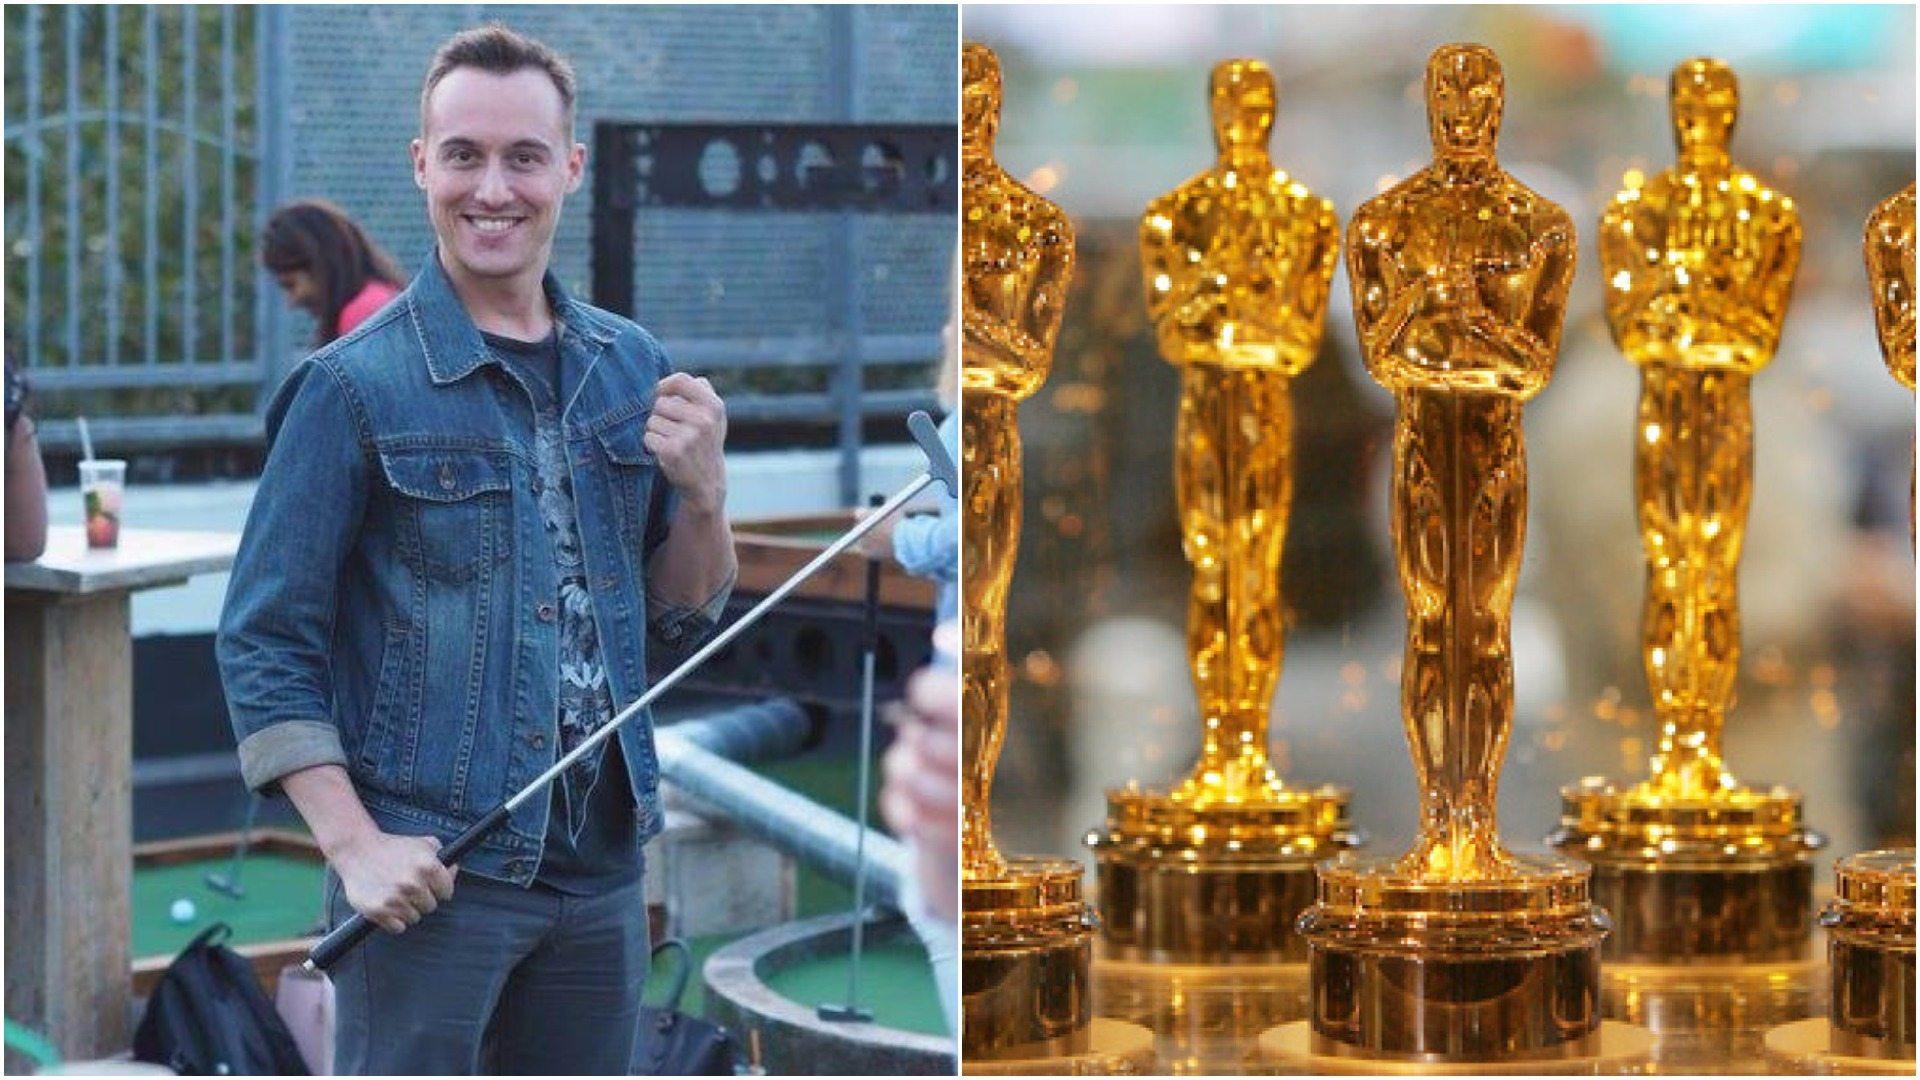 Mało kto o tym wie, ale Polak właśnie dostał Oskara! (video)